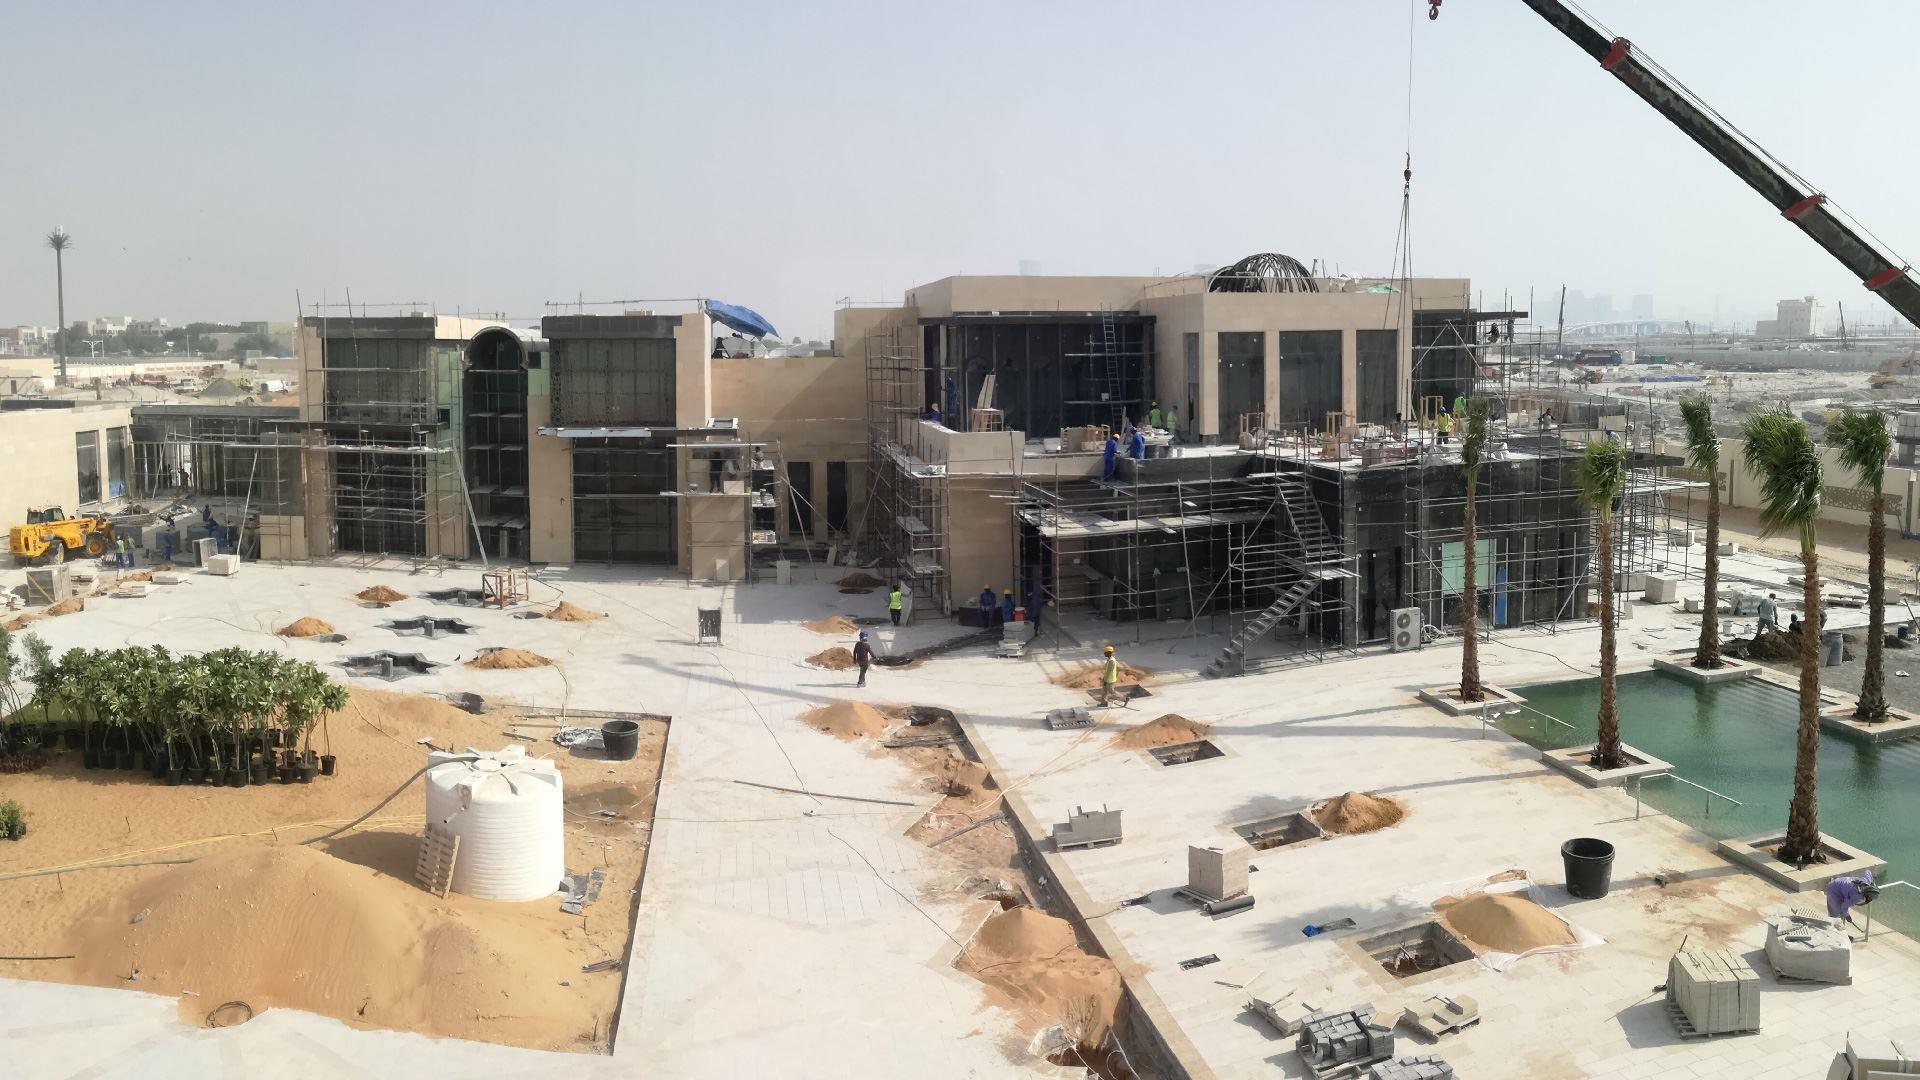 Abu Dhabi VVIP